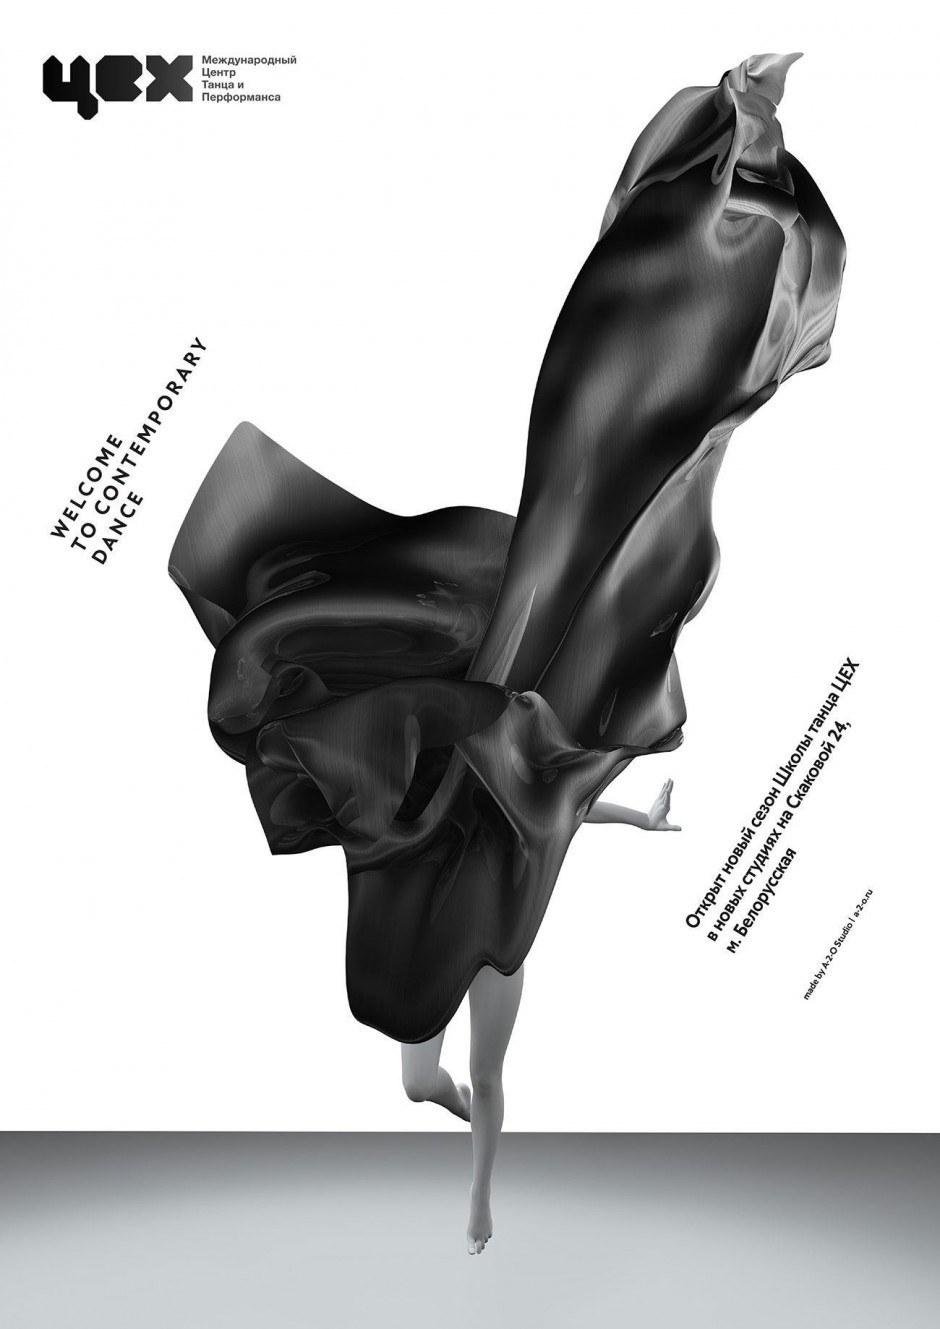 Poster Tzeh